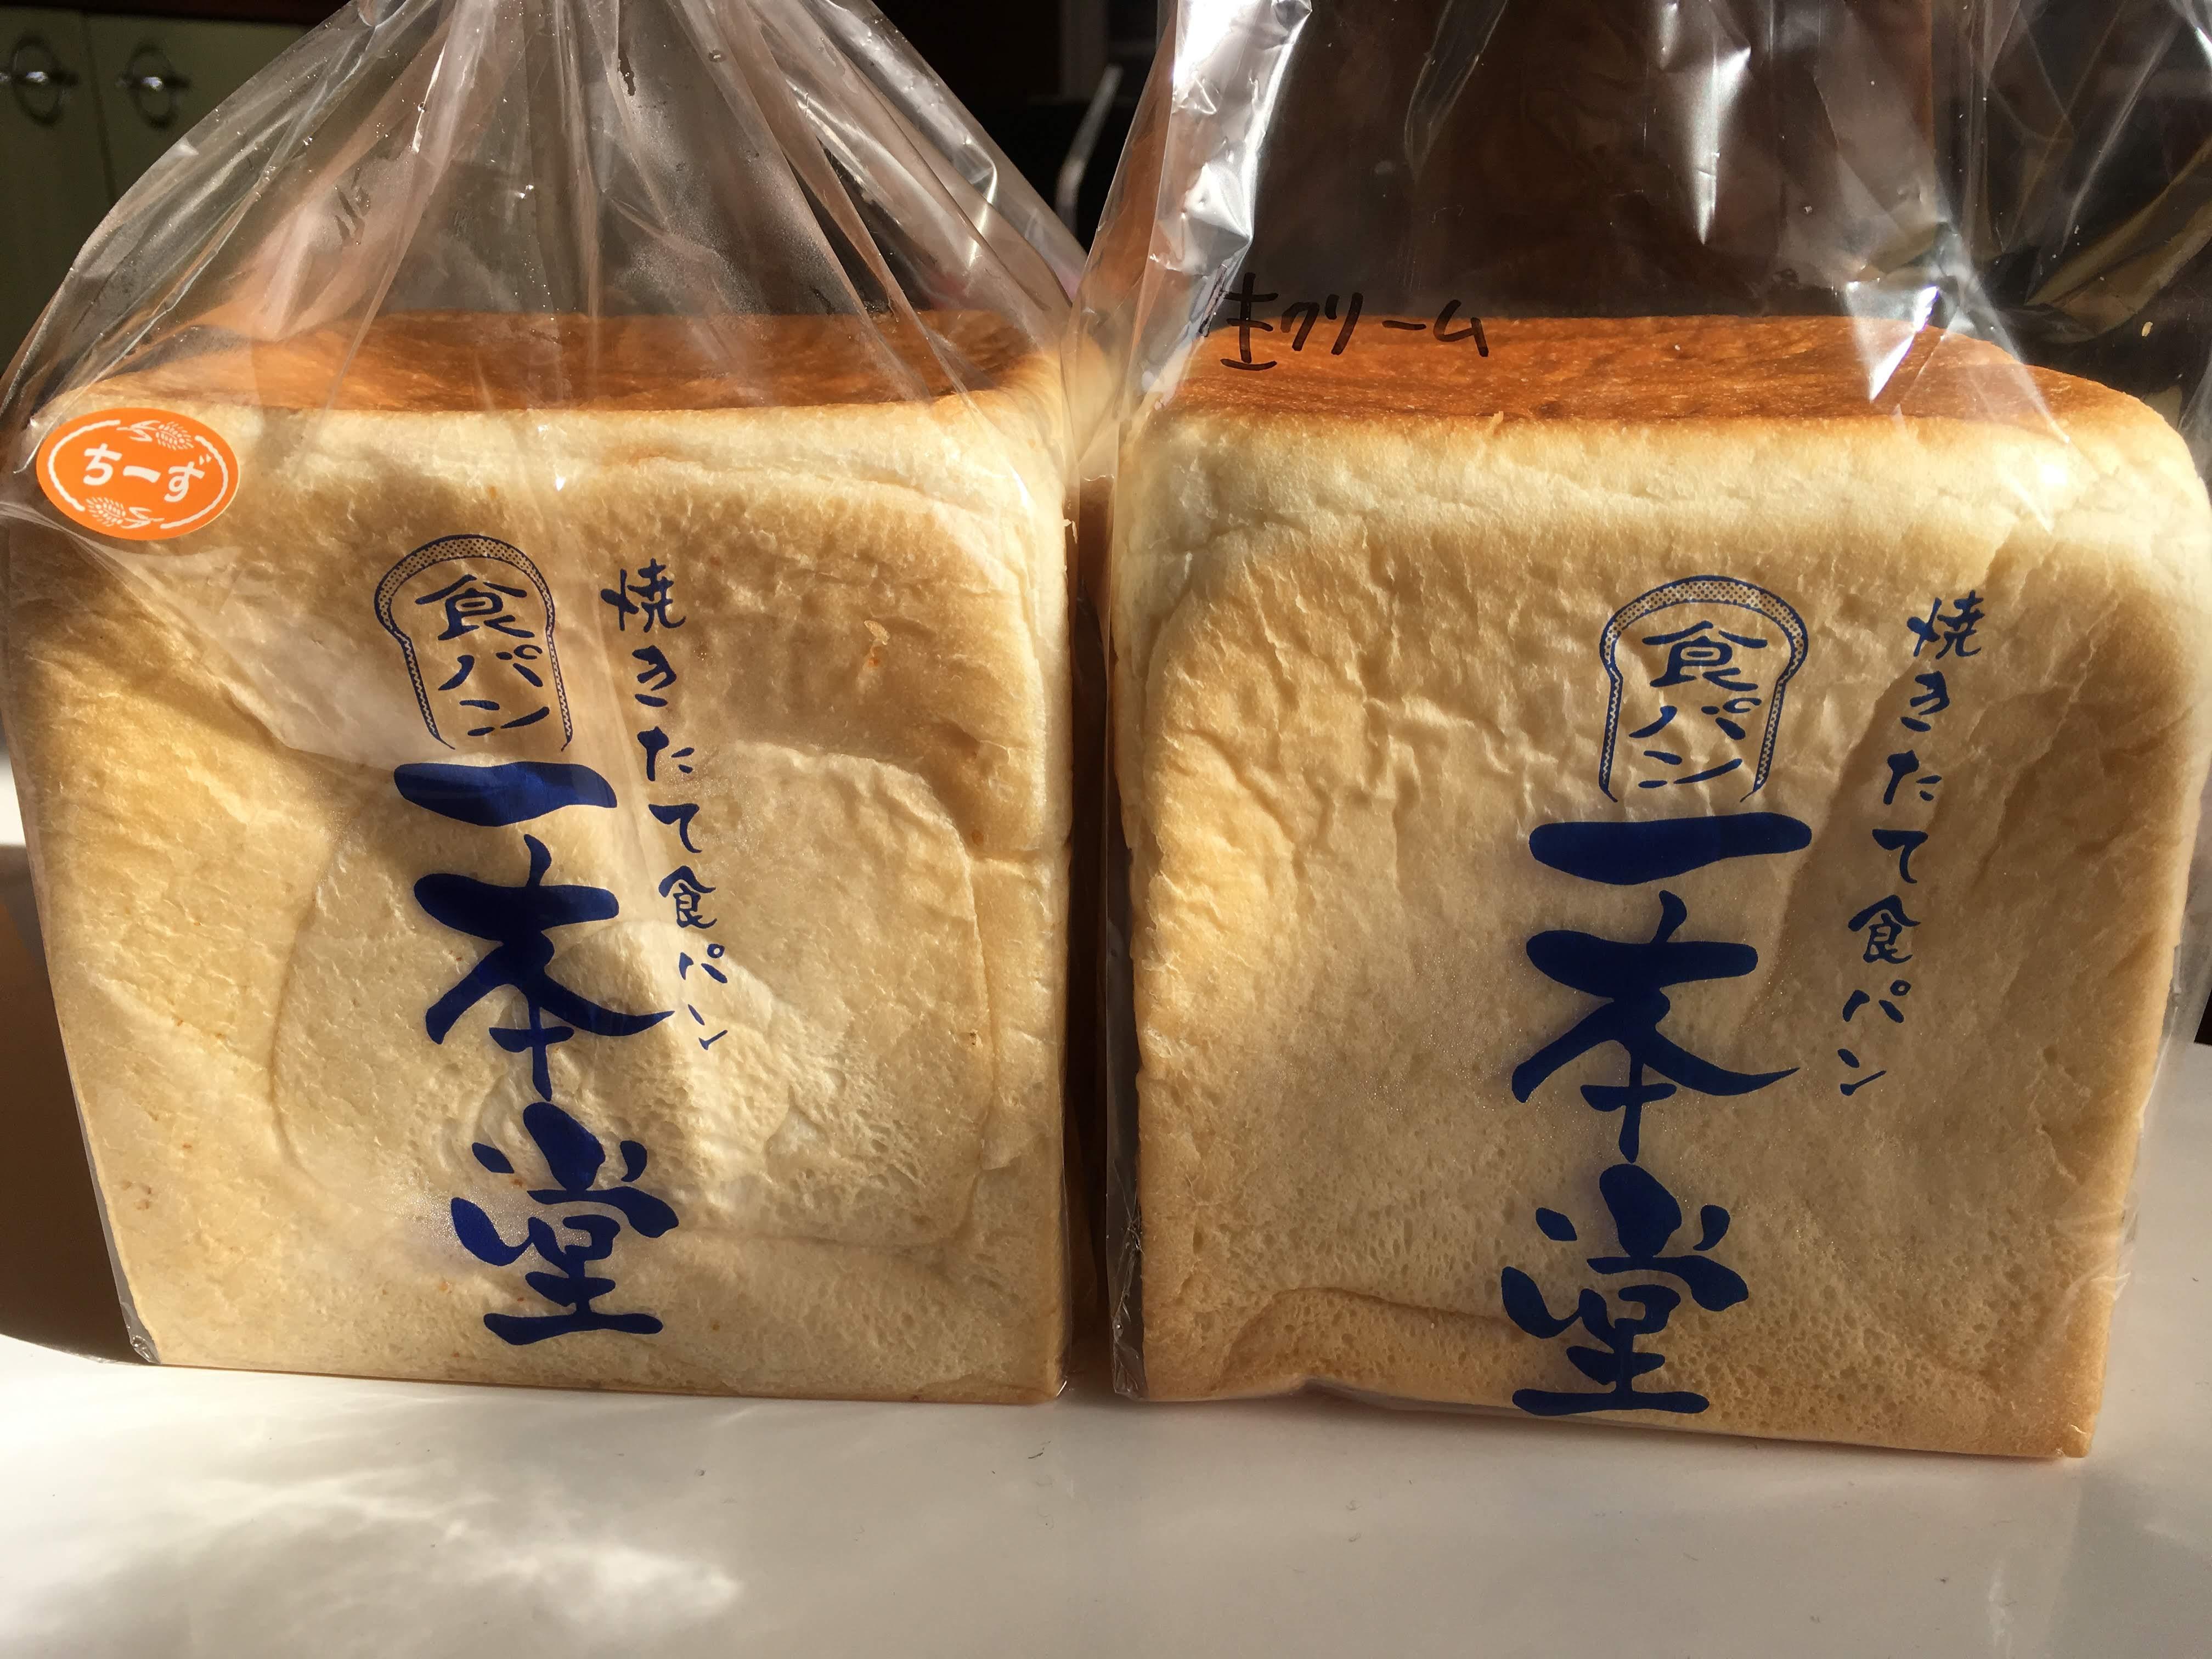 富山県で行列のできる新しい食パン屋「一本堂(いっぽんどう)富山布瀬店」へ行ってきました